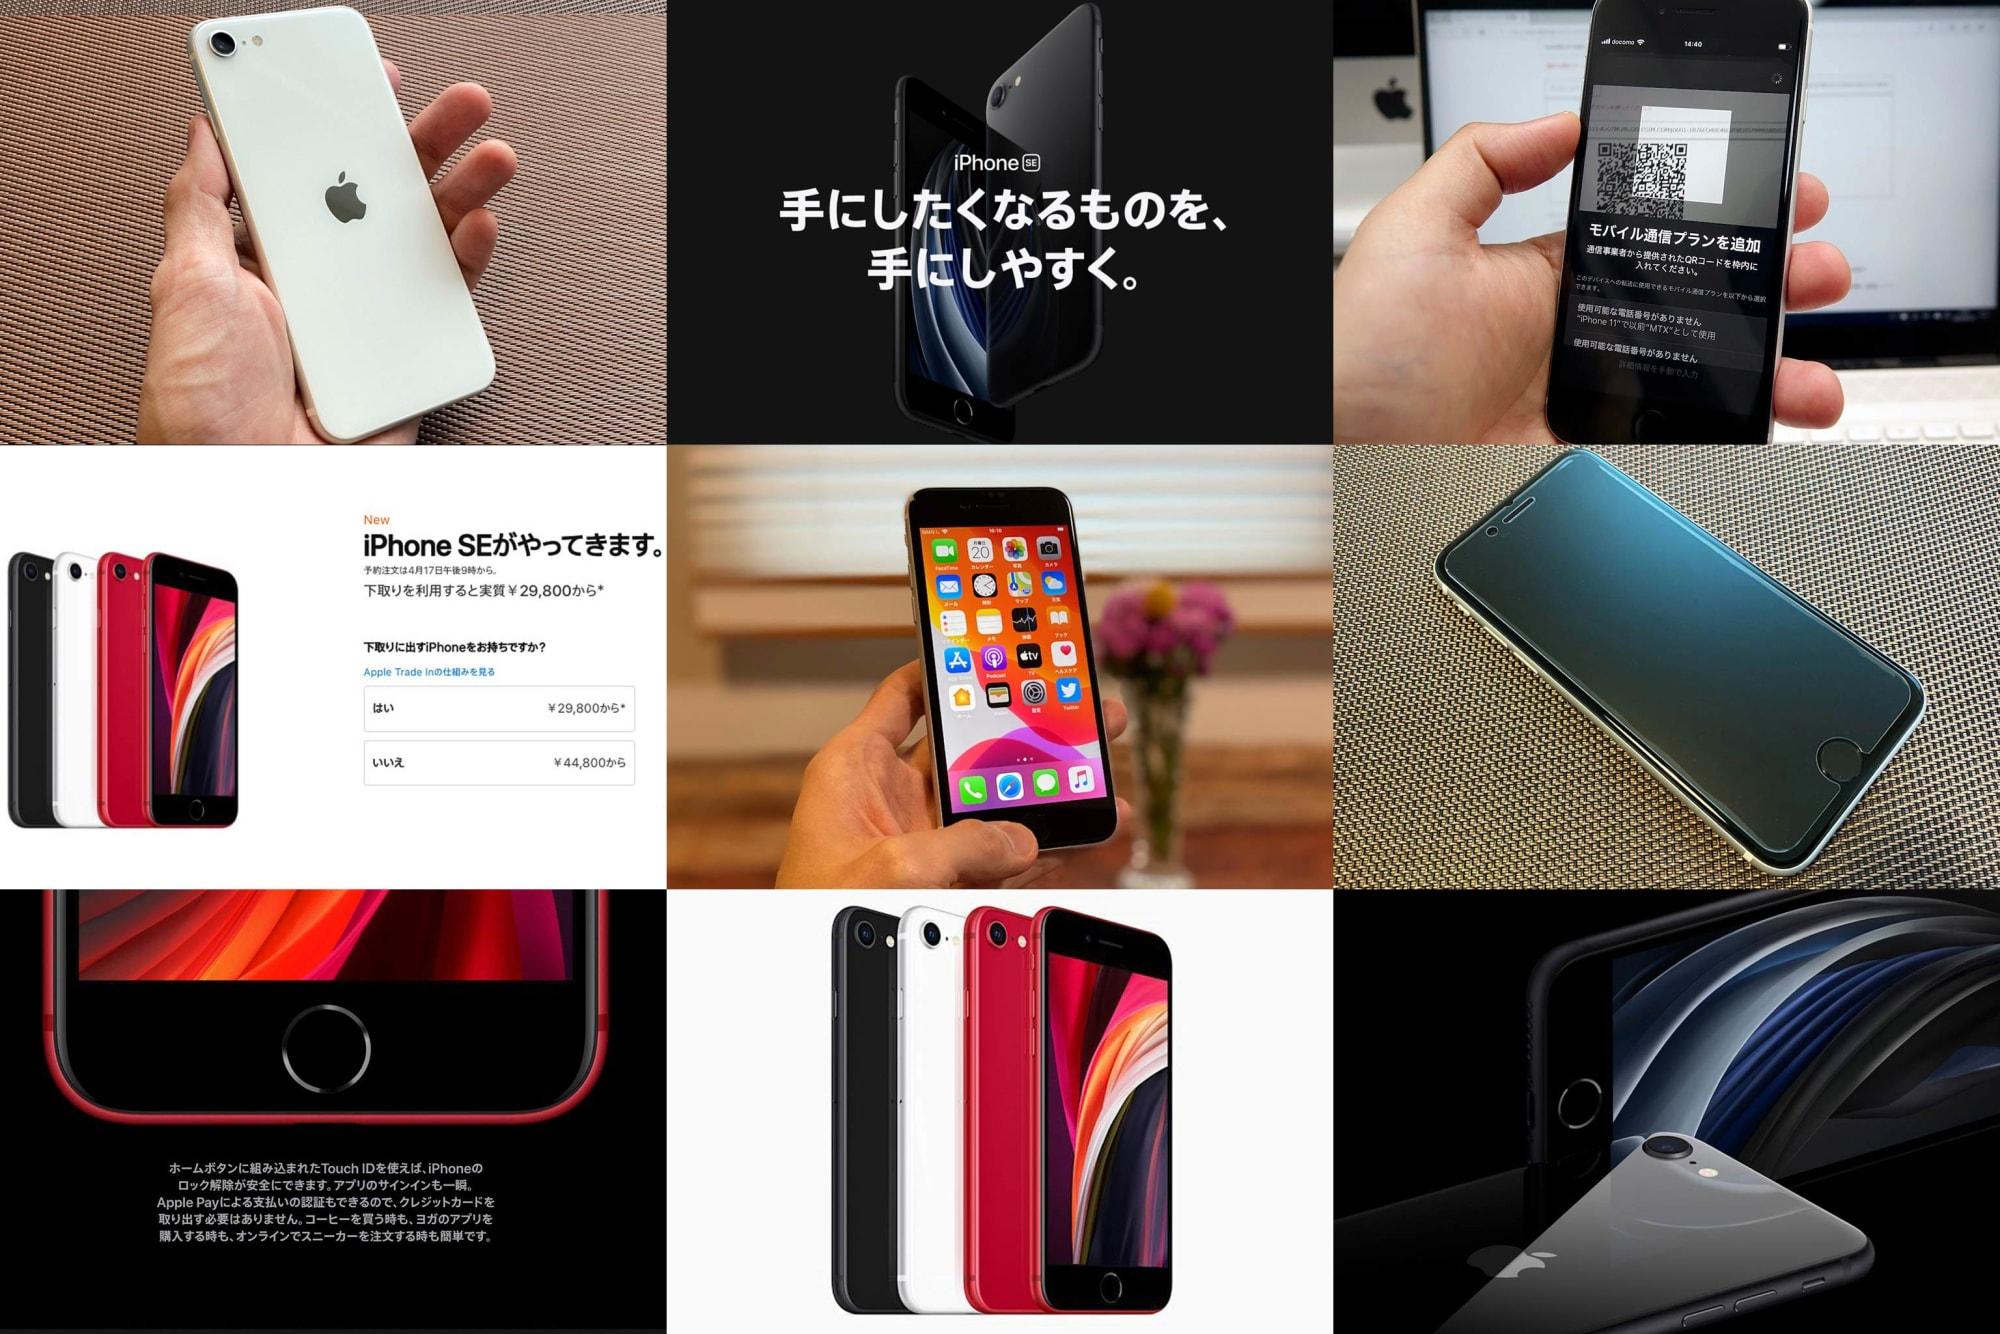 発売目前 第2世代iPhone SEまとめ。コスパ抜群でこれからの ...